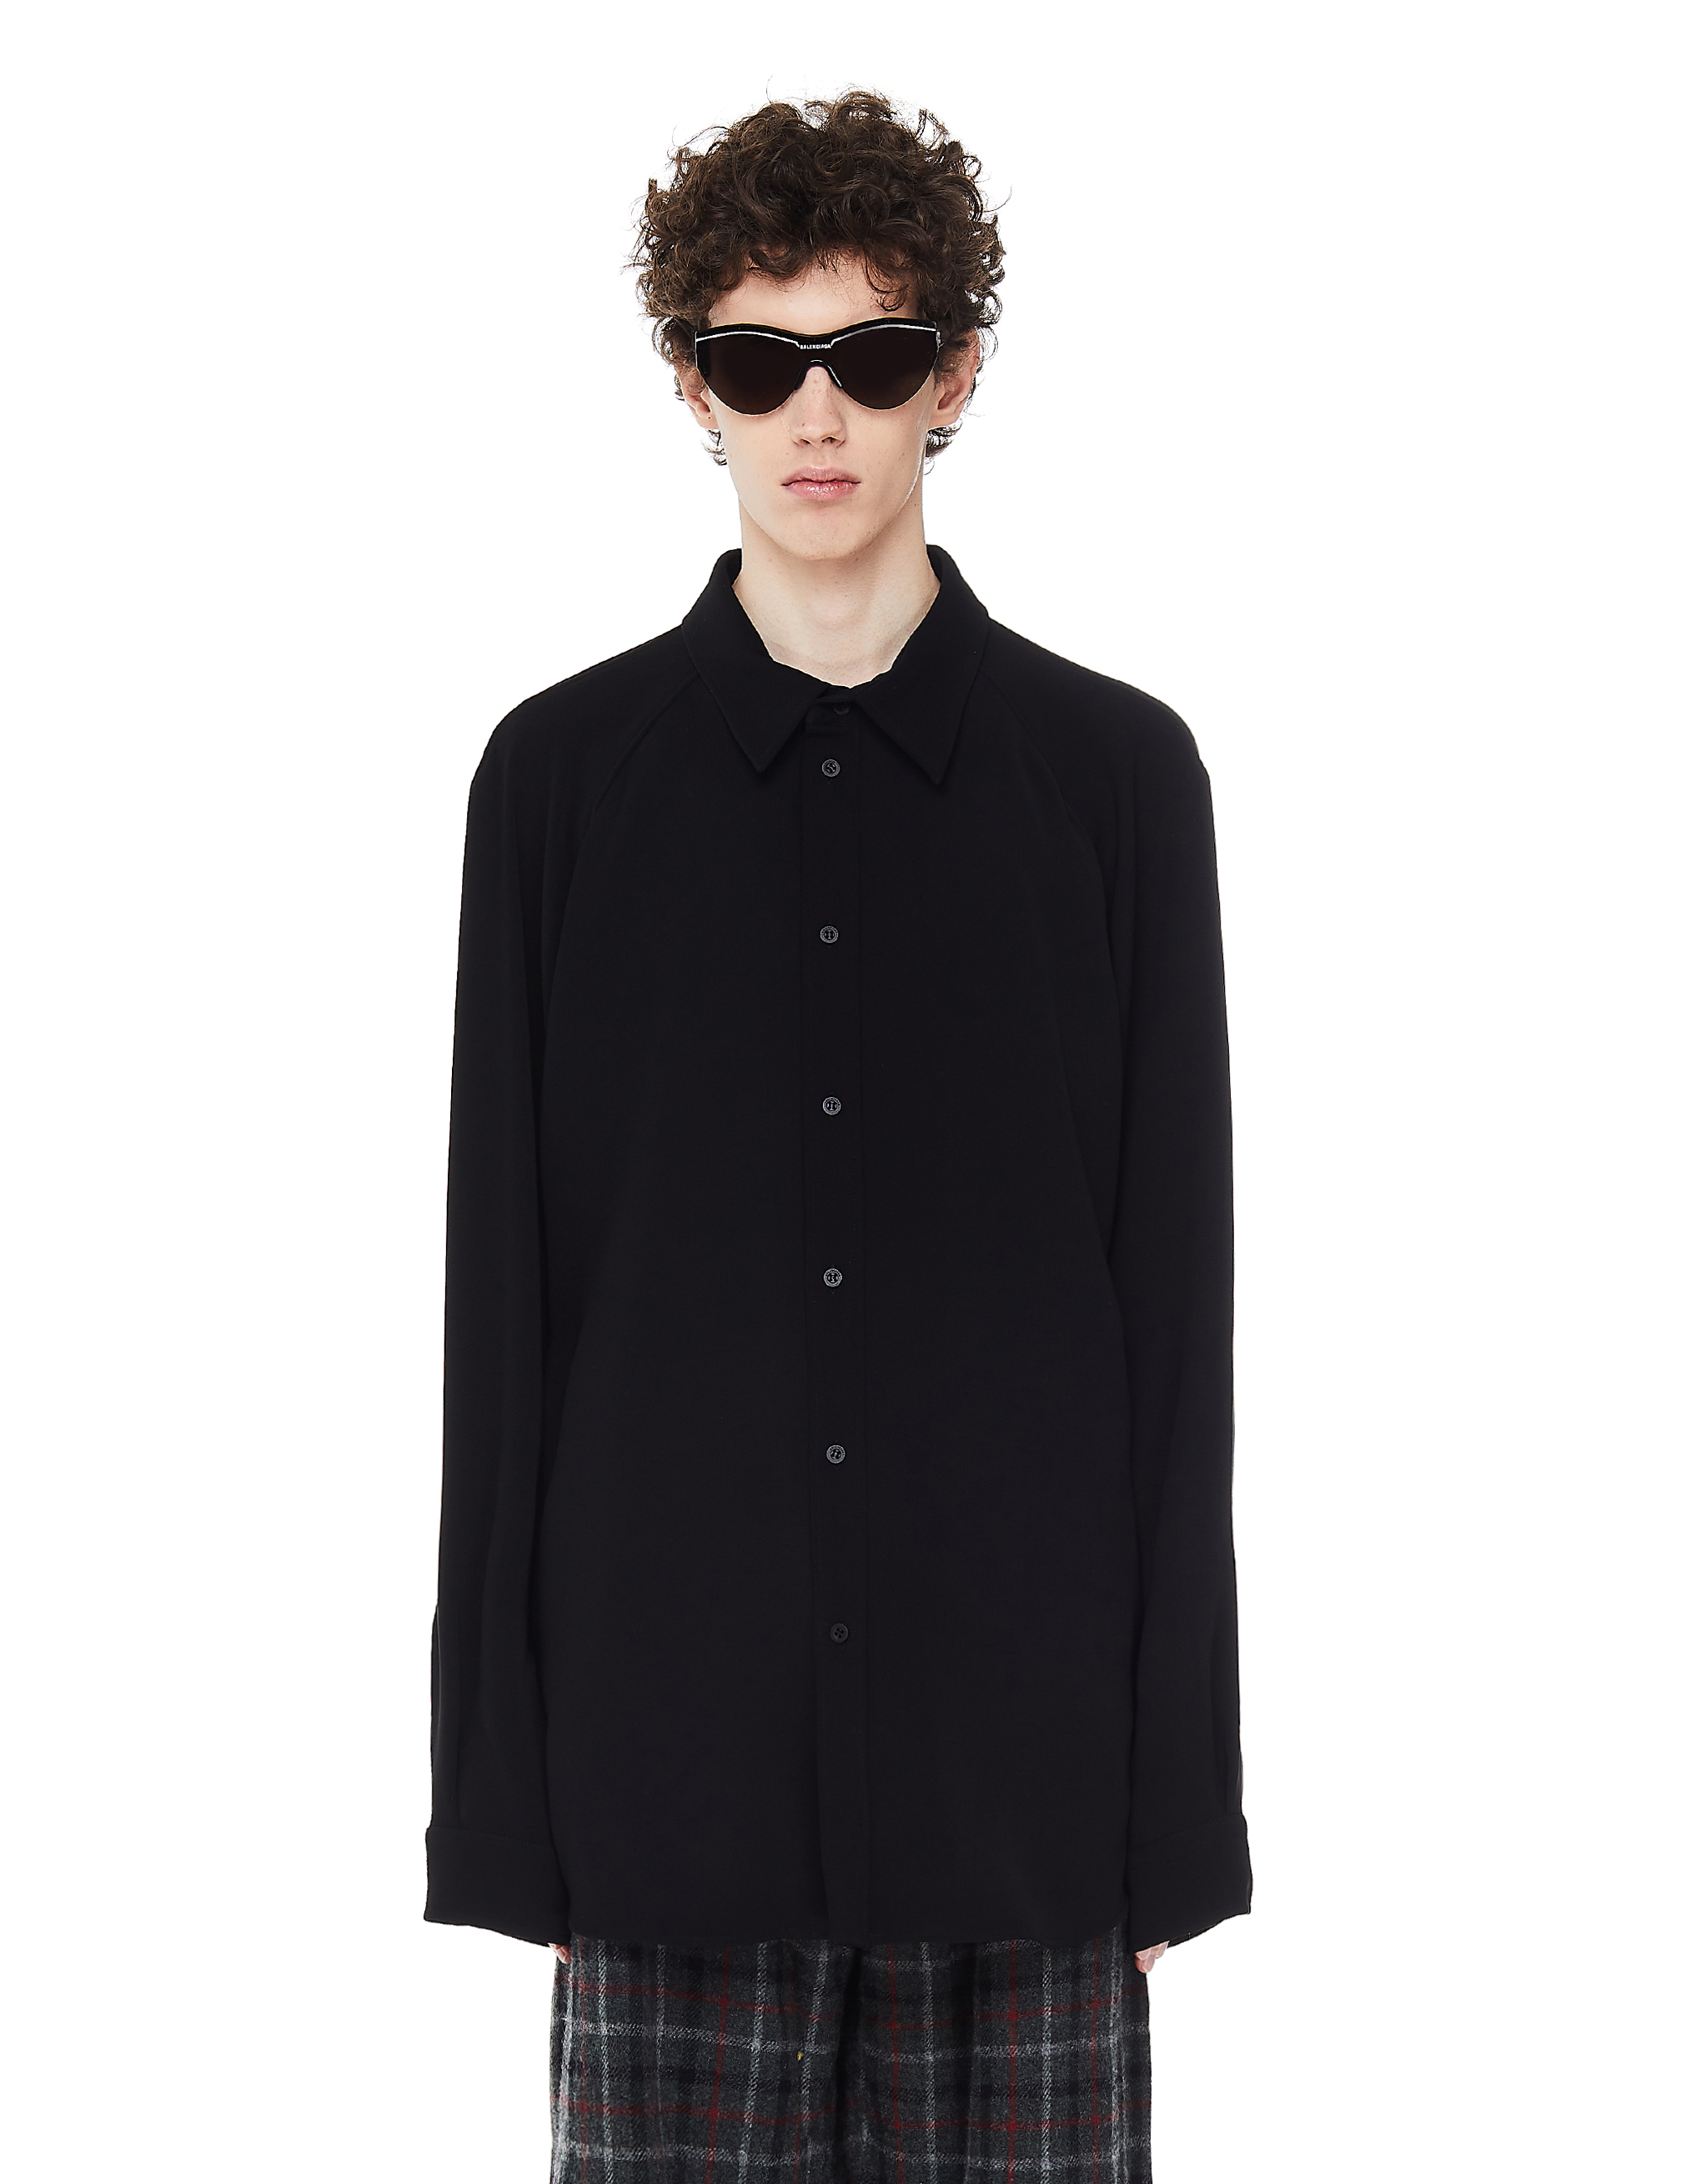 Balenciaga Black Raglan Shirt